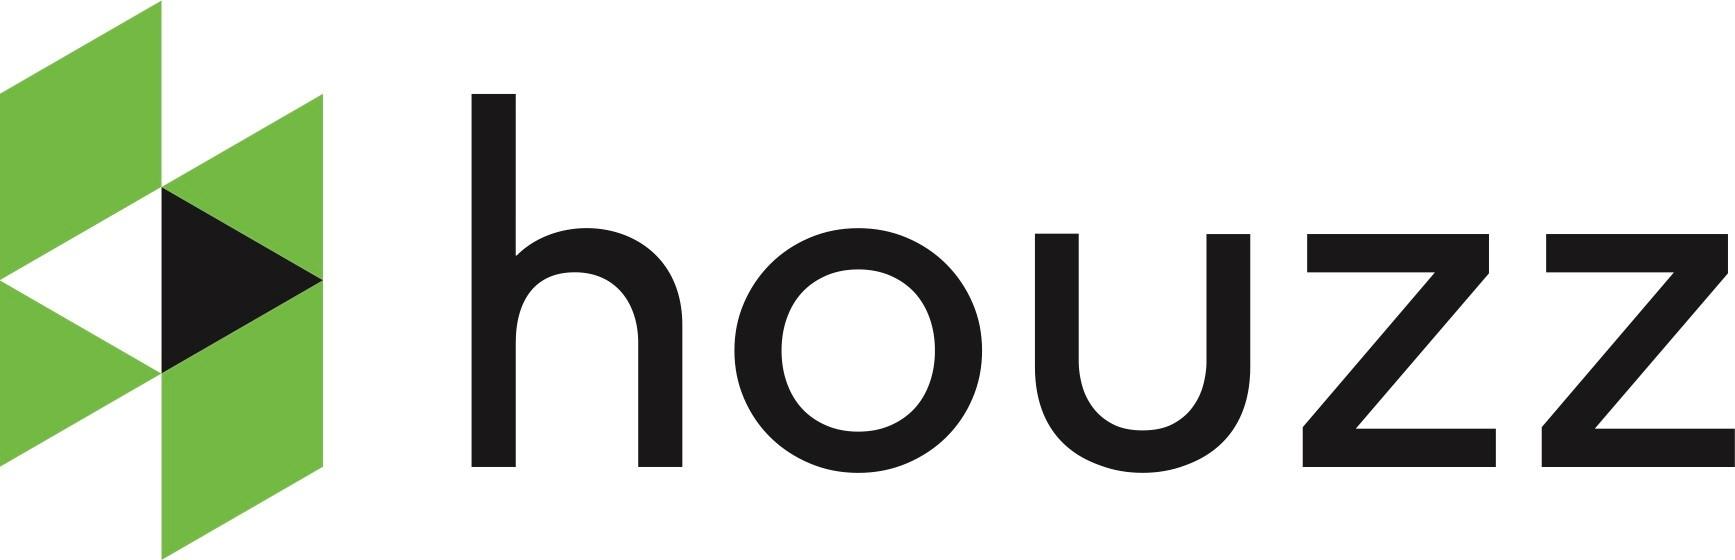 Houzz Logo.jpg